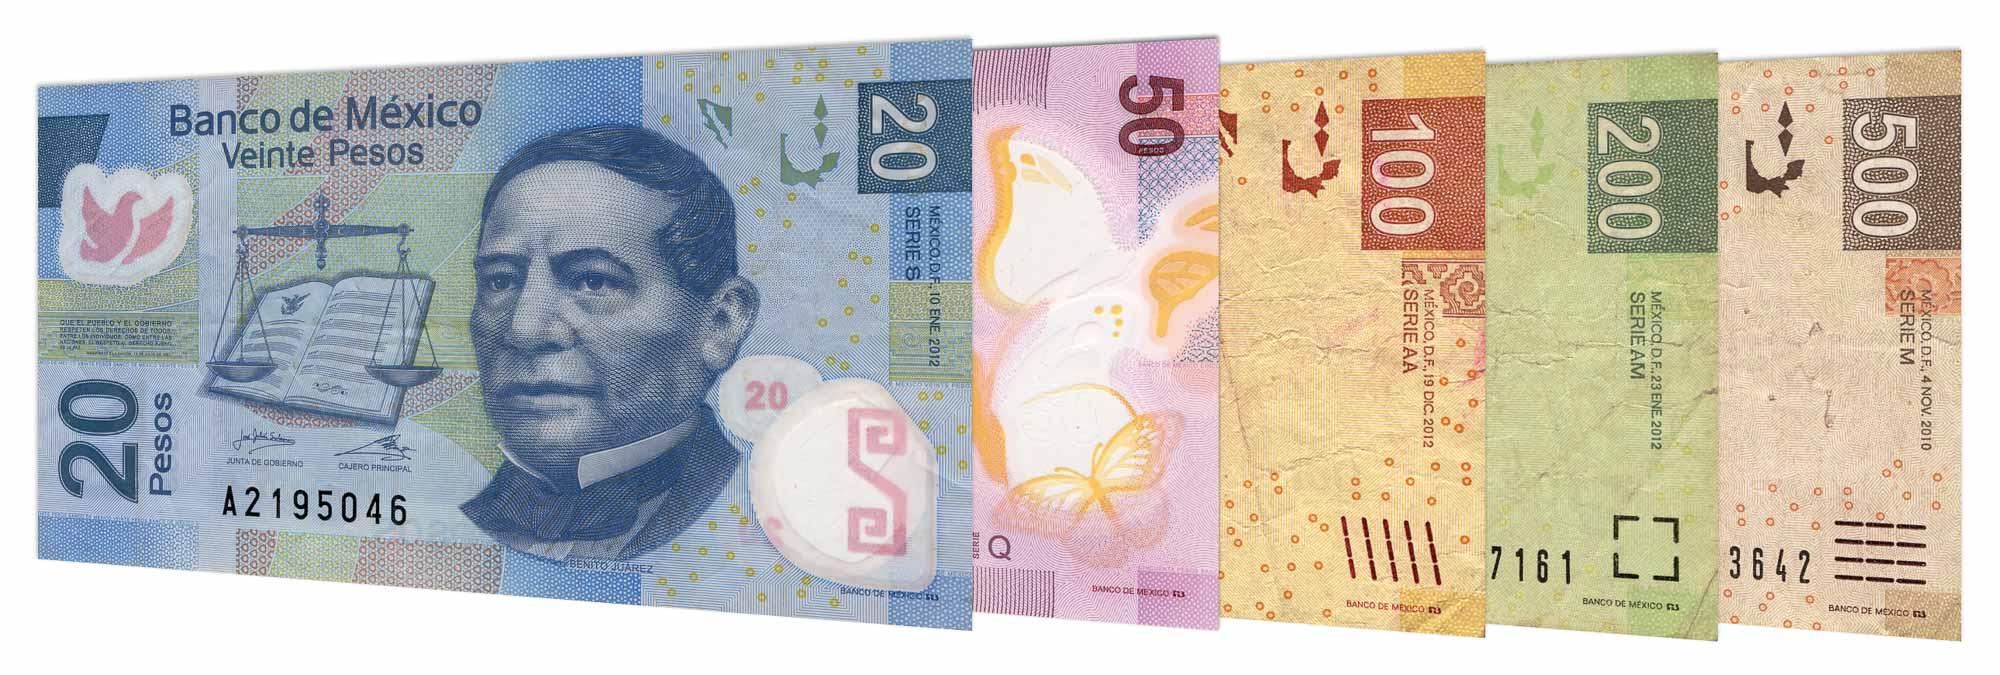 Mexican Pesos Online Mxn Home